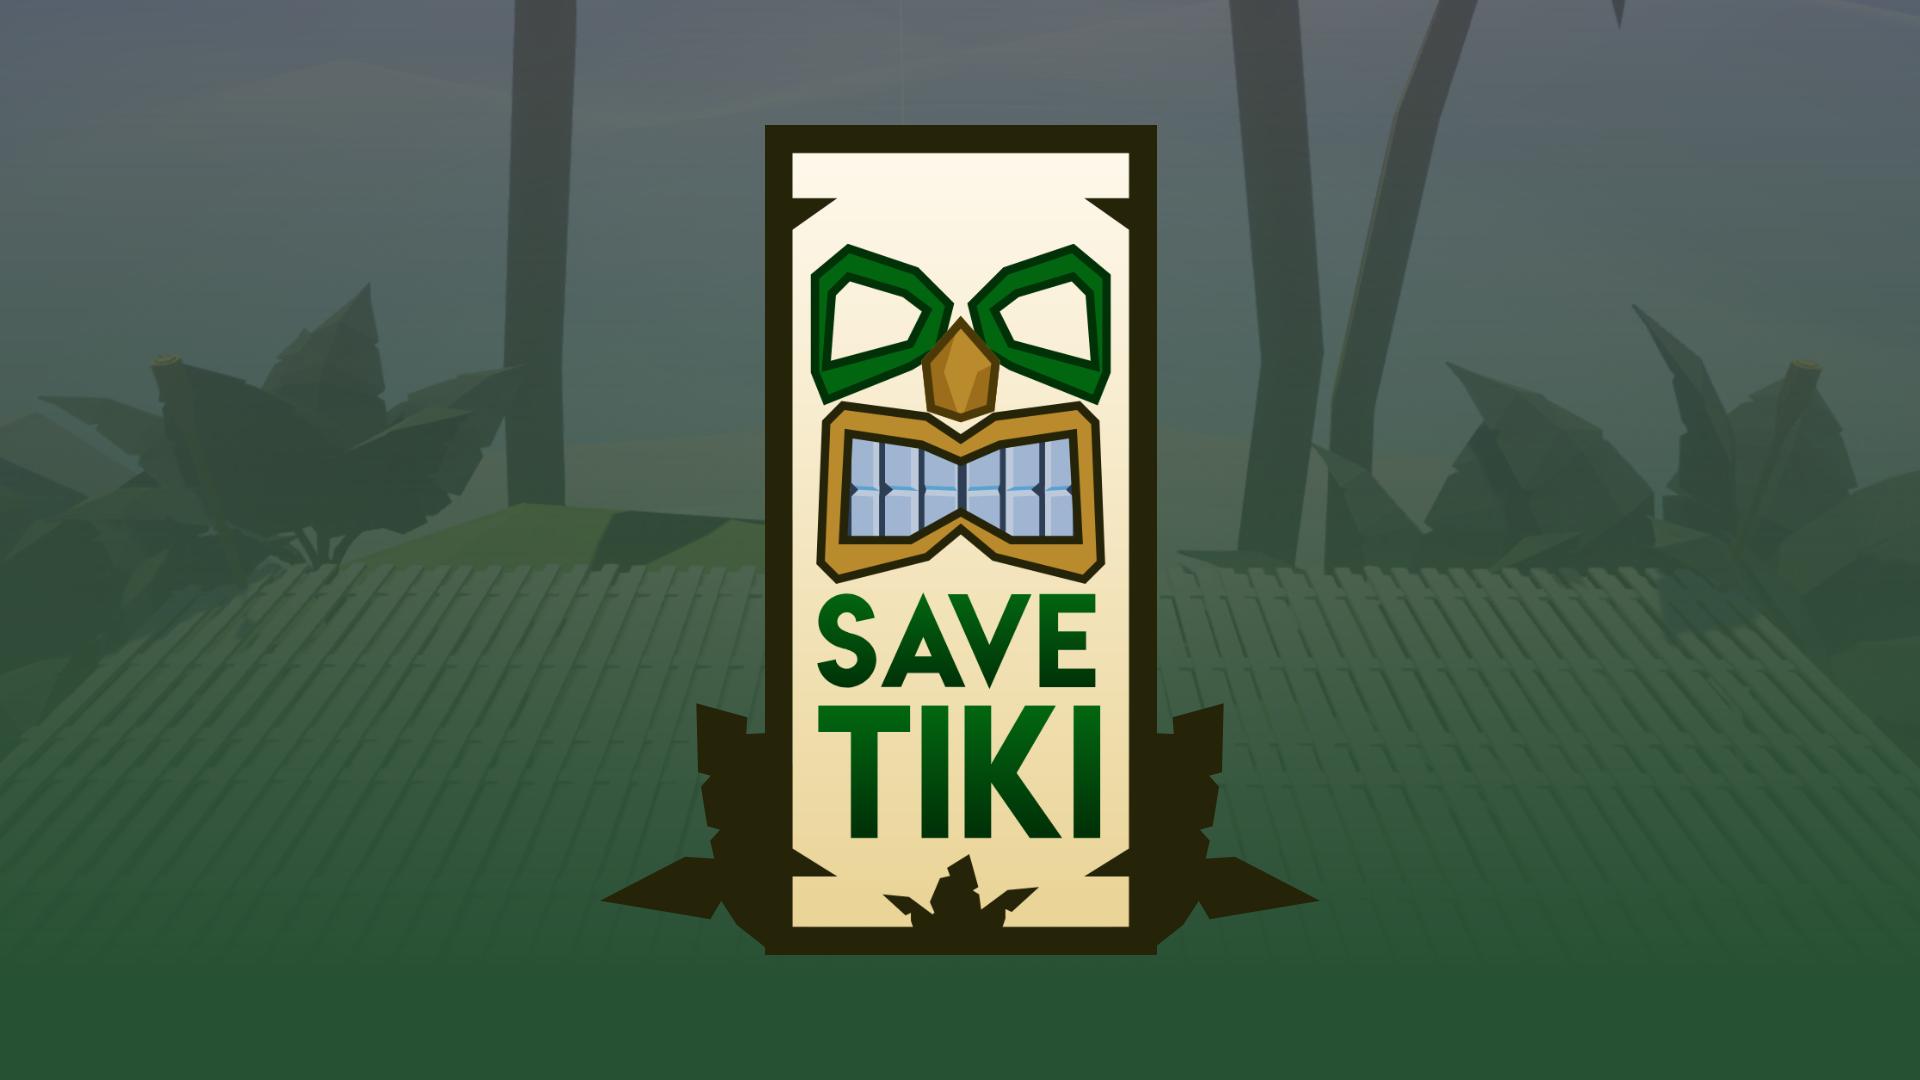 Save Tiki